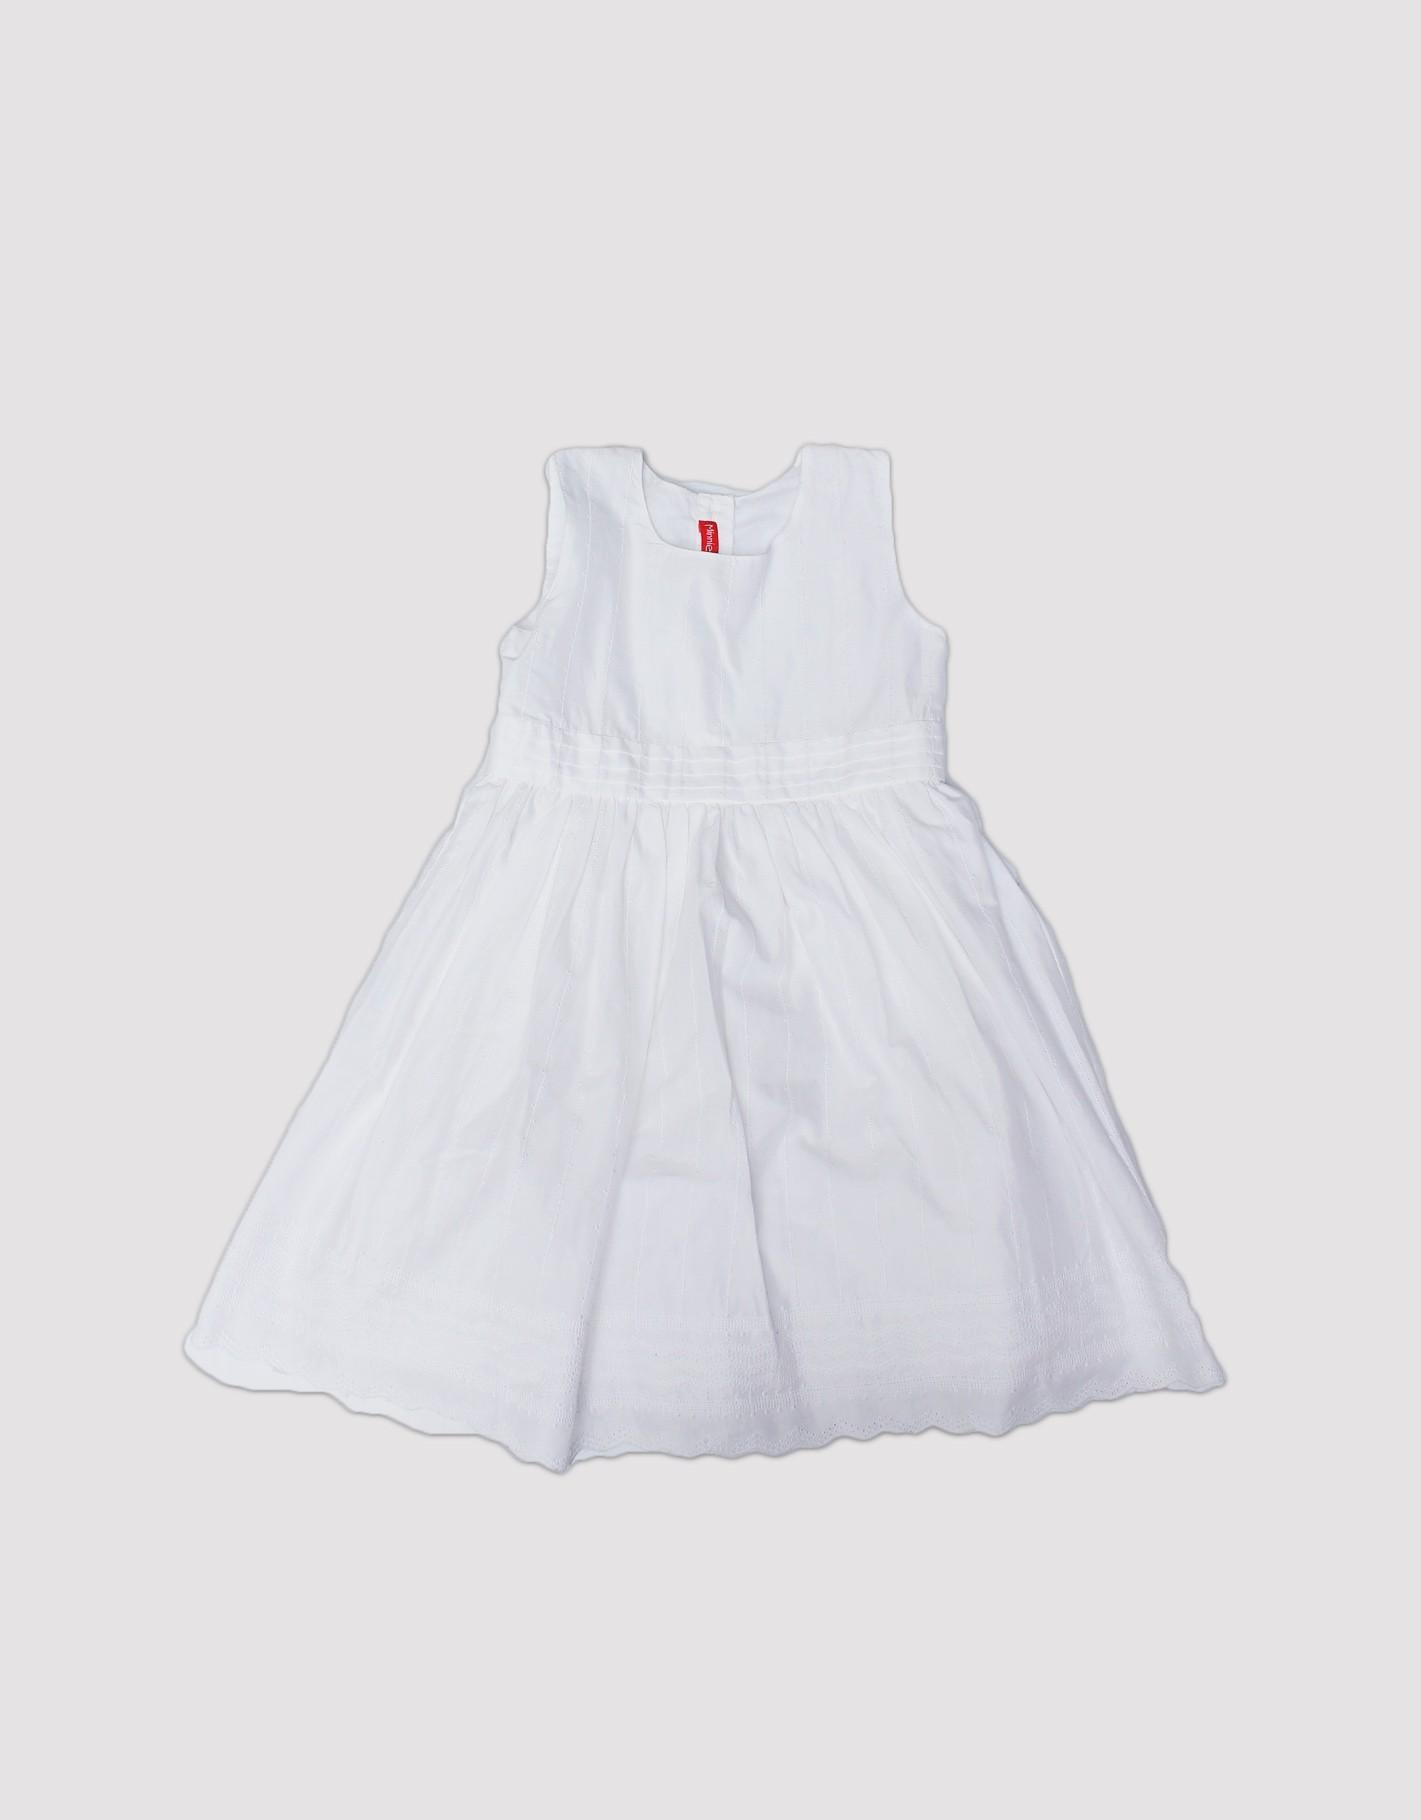 Minnie-Minors-baby-t-shirt-11